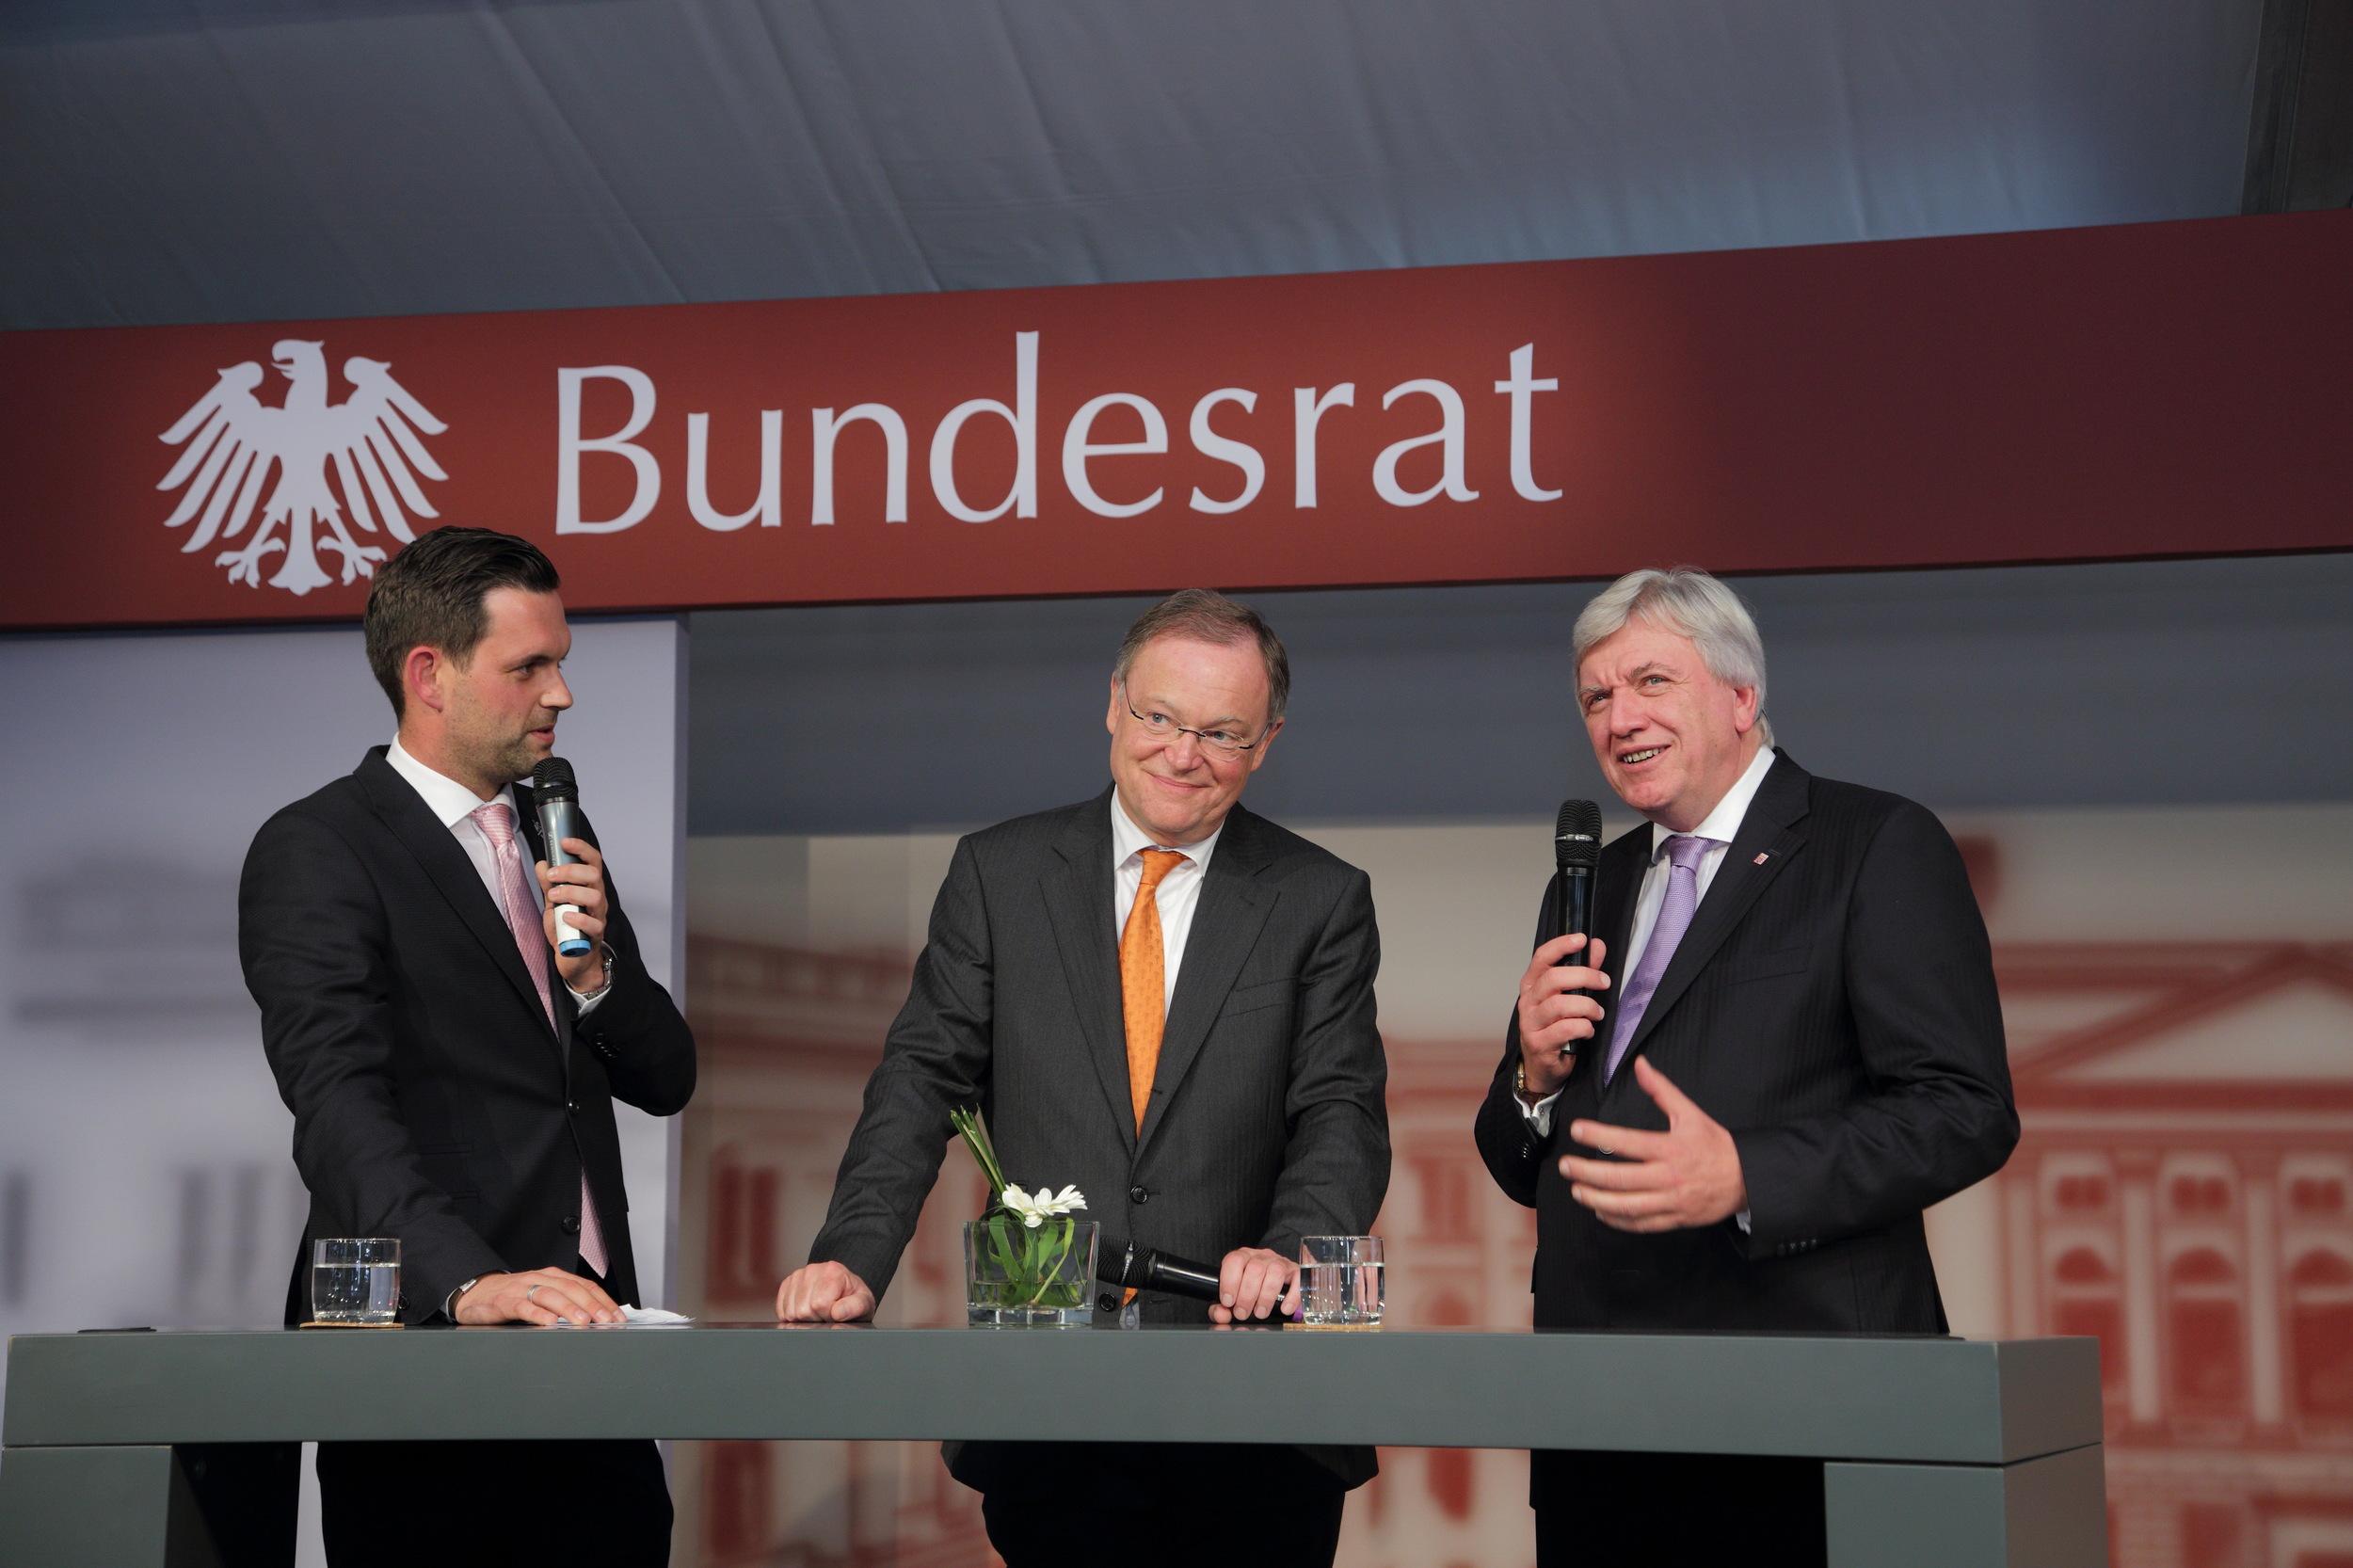 Bundesrat_Tag-der-Deutschen-Einheit_Hannover2014_330.JPG